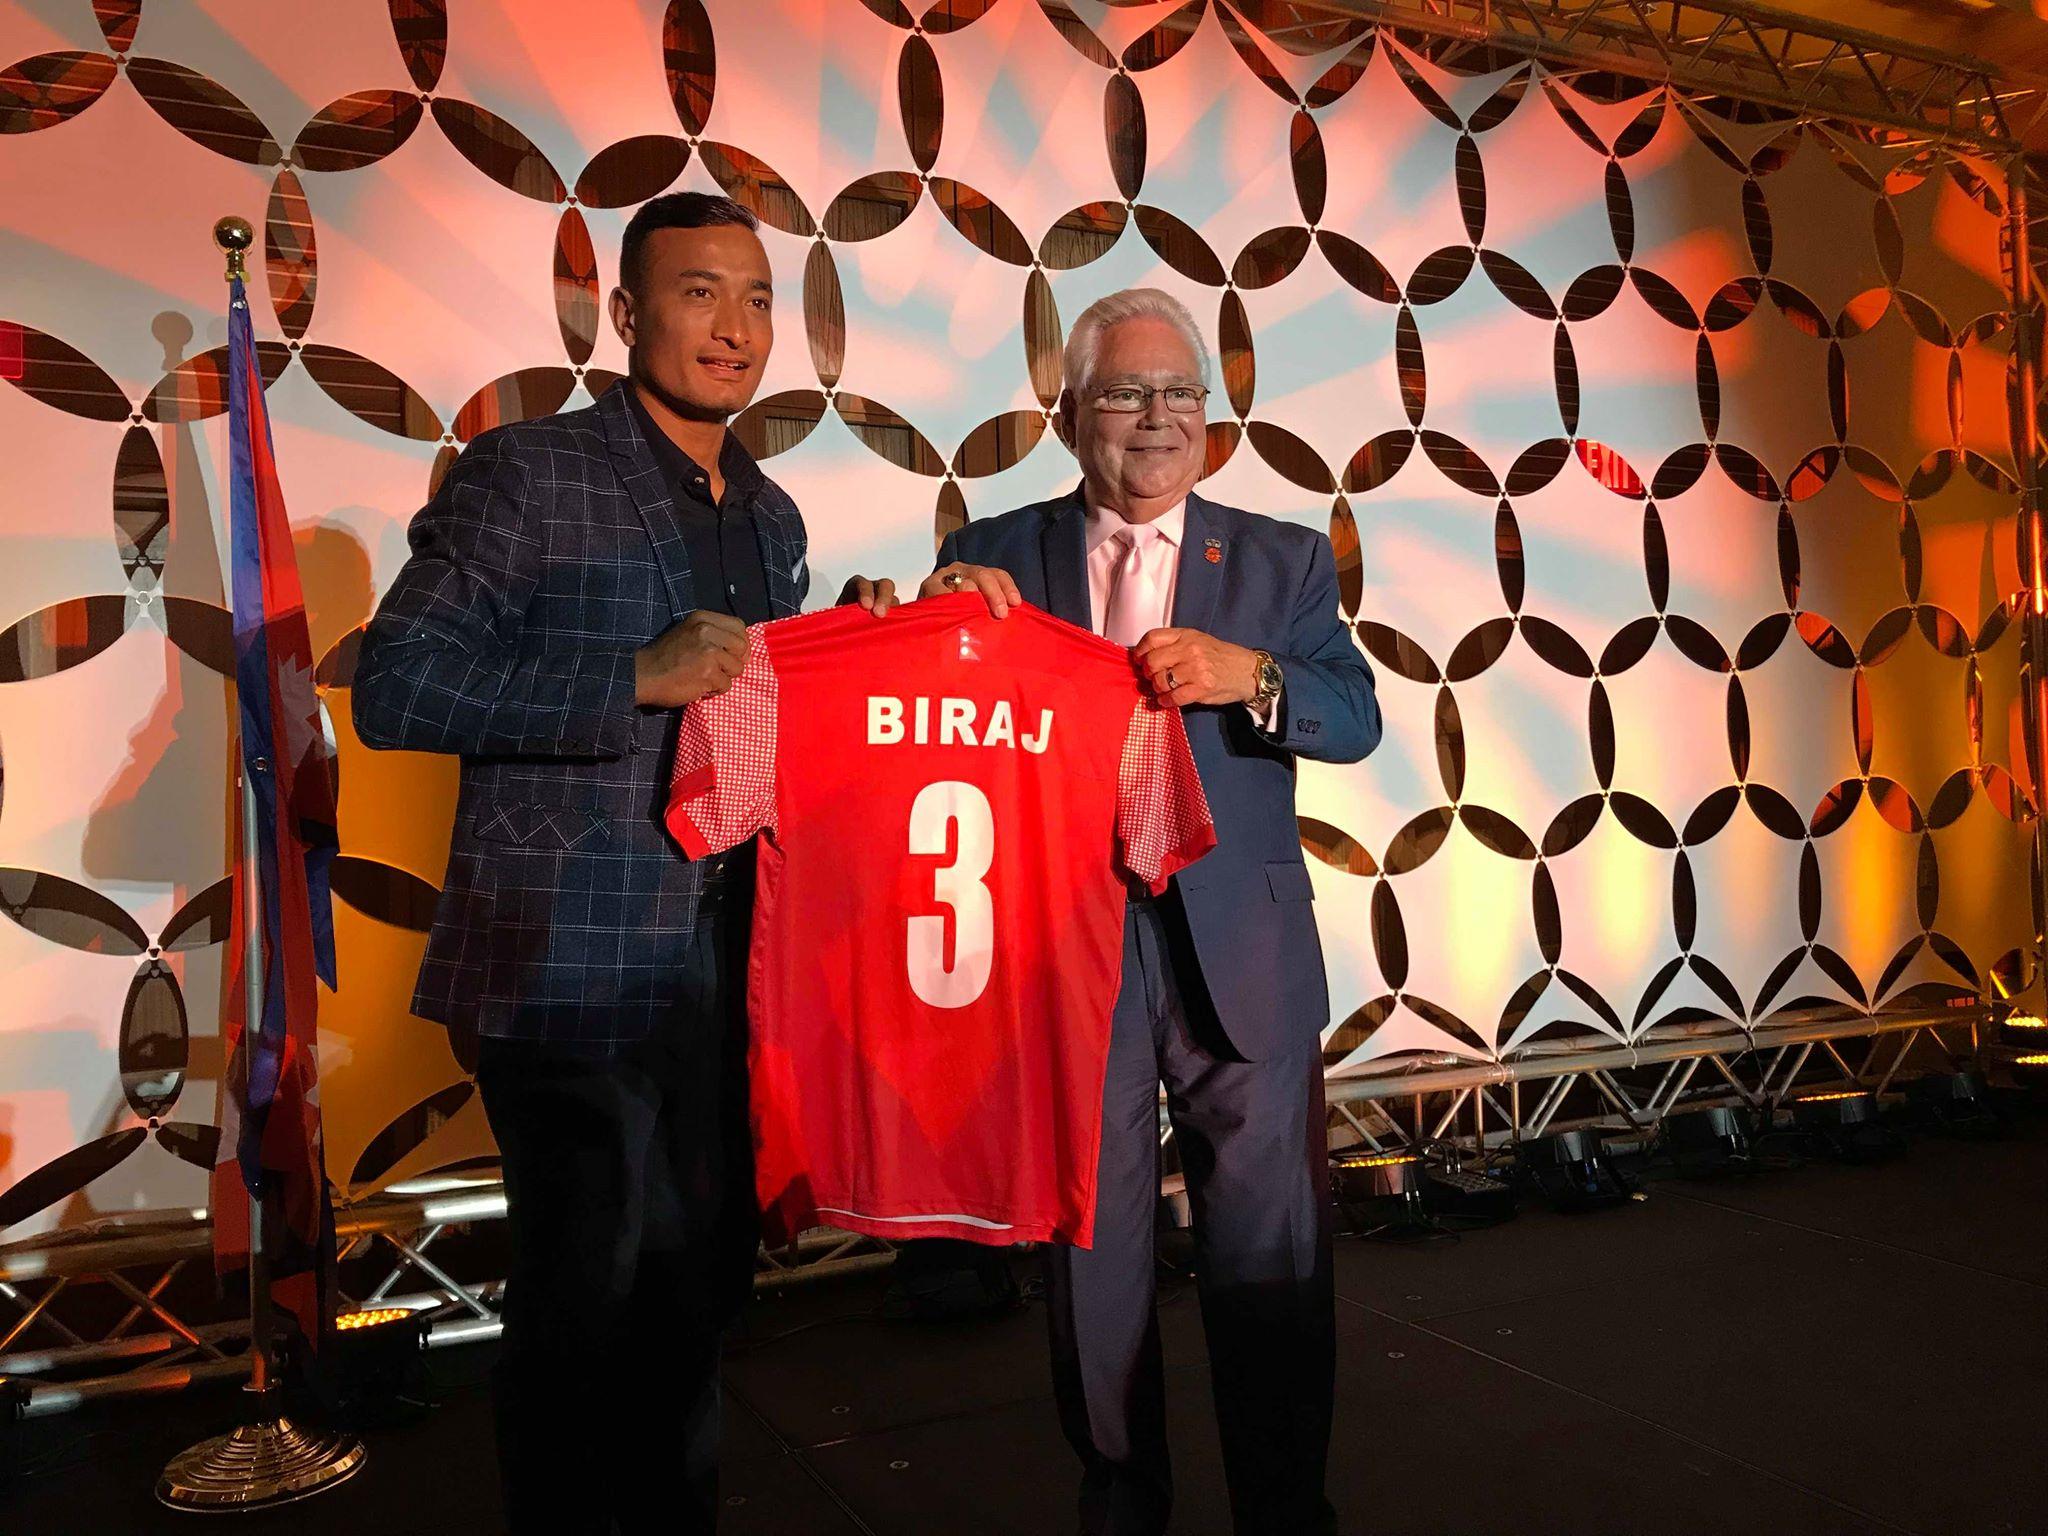 नेपाली फुटबलका कप्तान महर्जनको जर्सी अमेरिकाको क्यालिफोर्निया राज्यका सिनेटरको कार्यालयमा